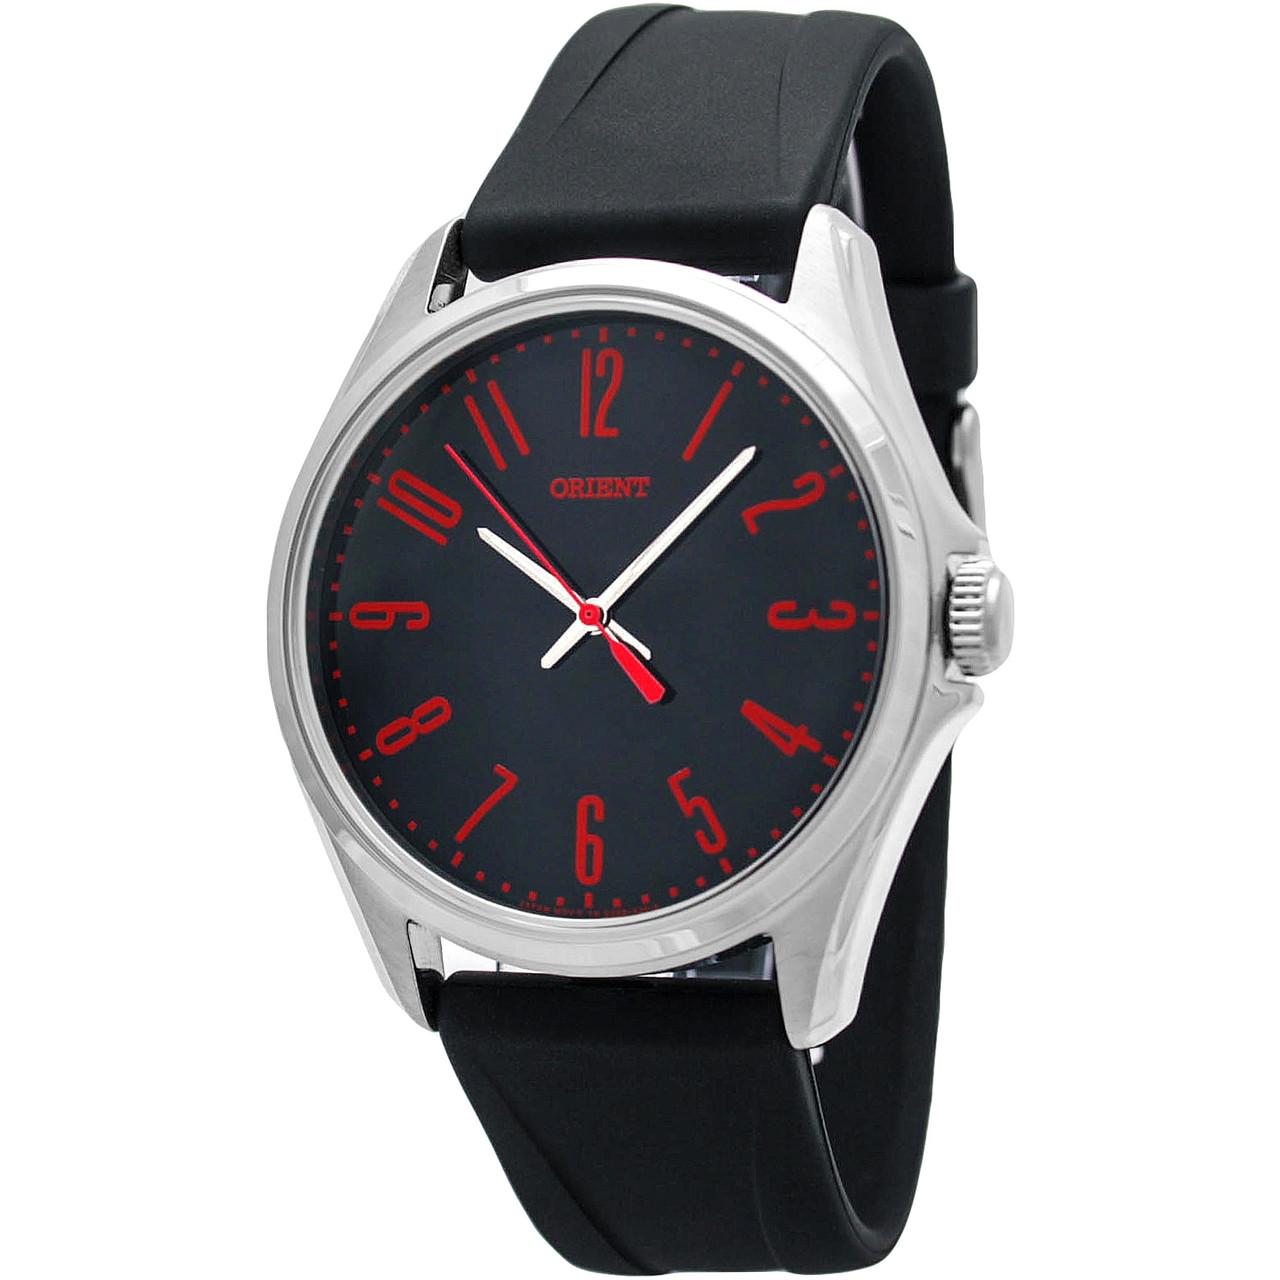 6a805975 Orient QC0S00CB - купить наручные часы: цены, отзывы, характеристики ...